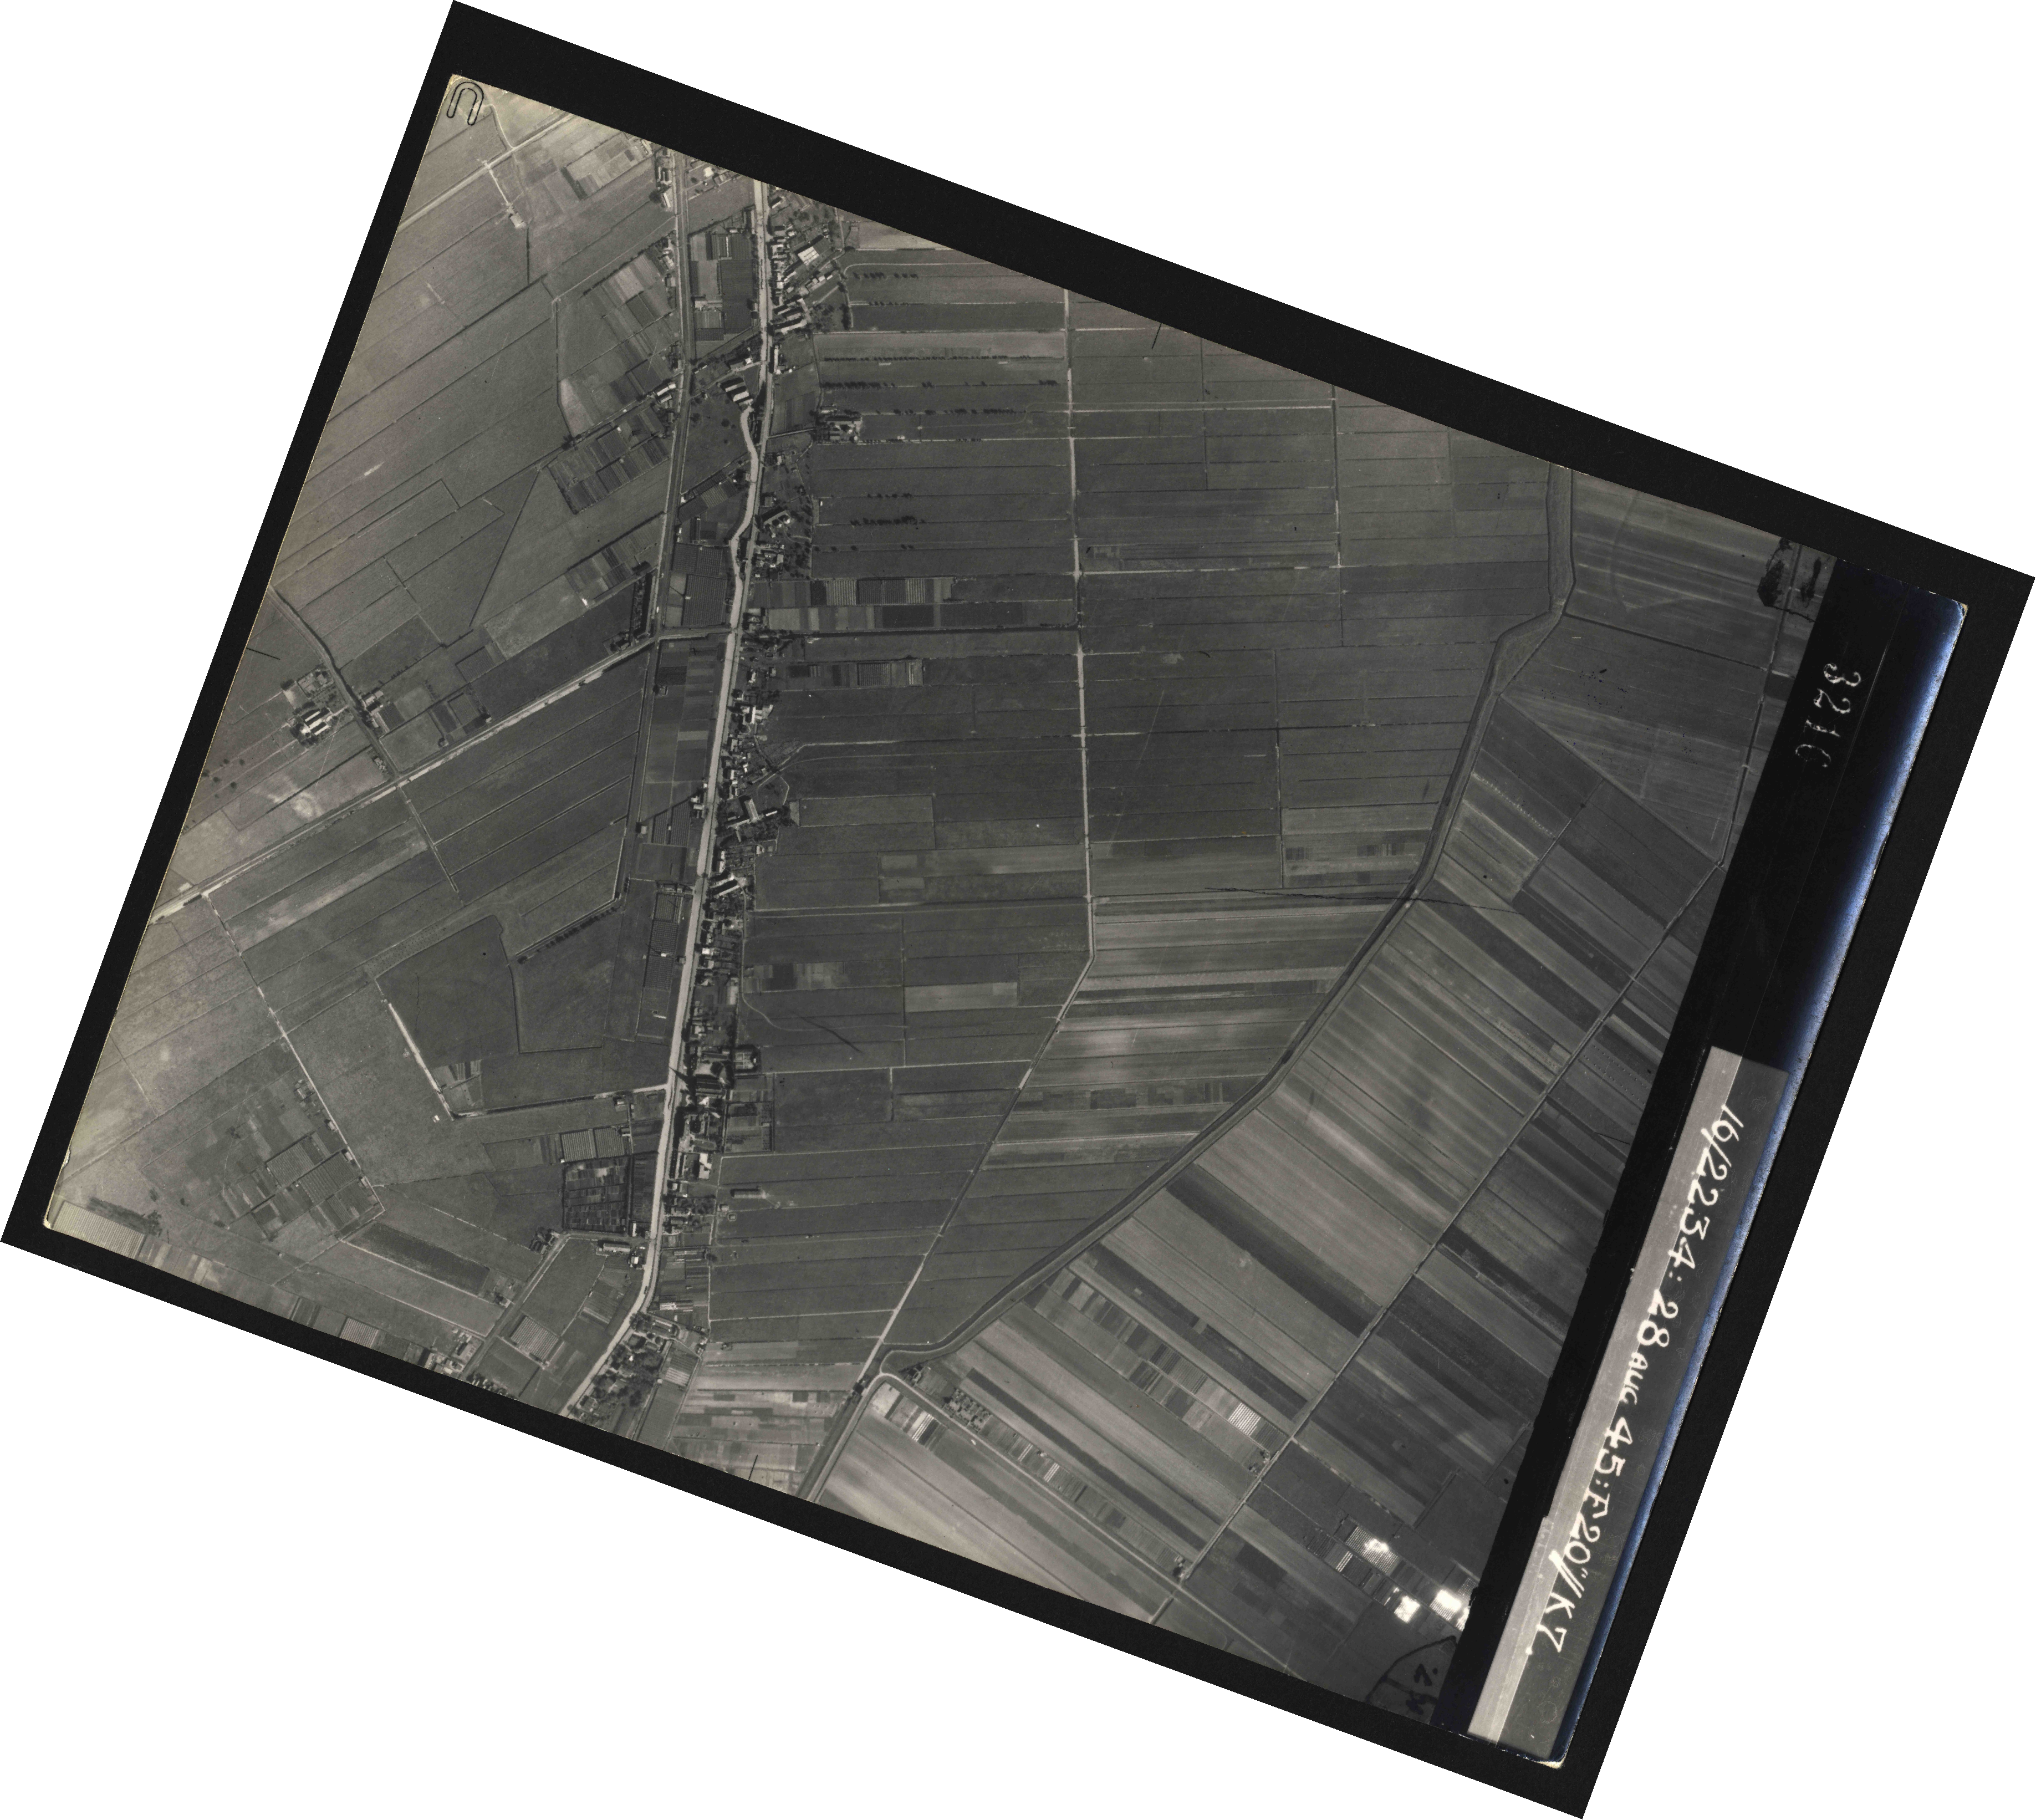 Collection RAF aerial photos 1940-1945 - flight 031, run 02, photo 3216